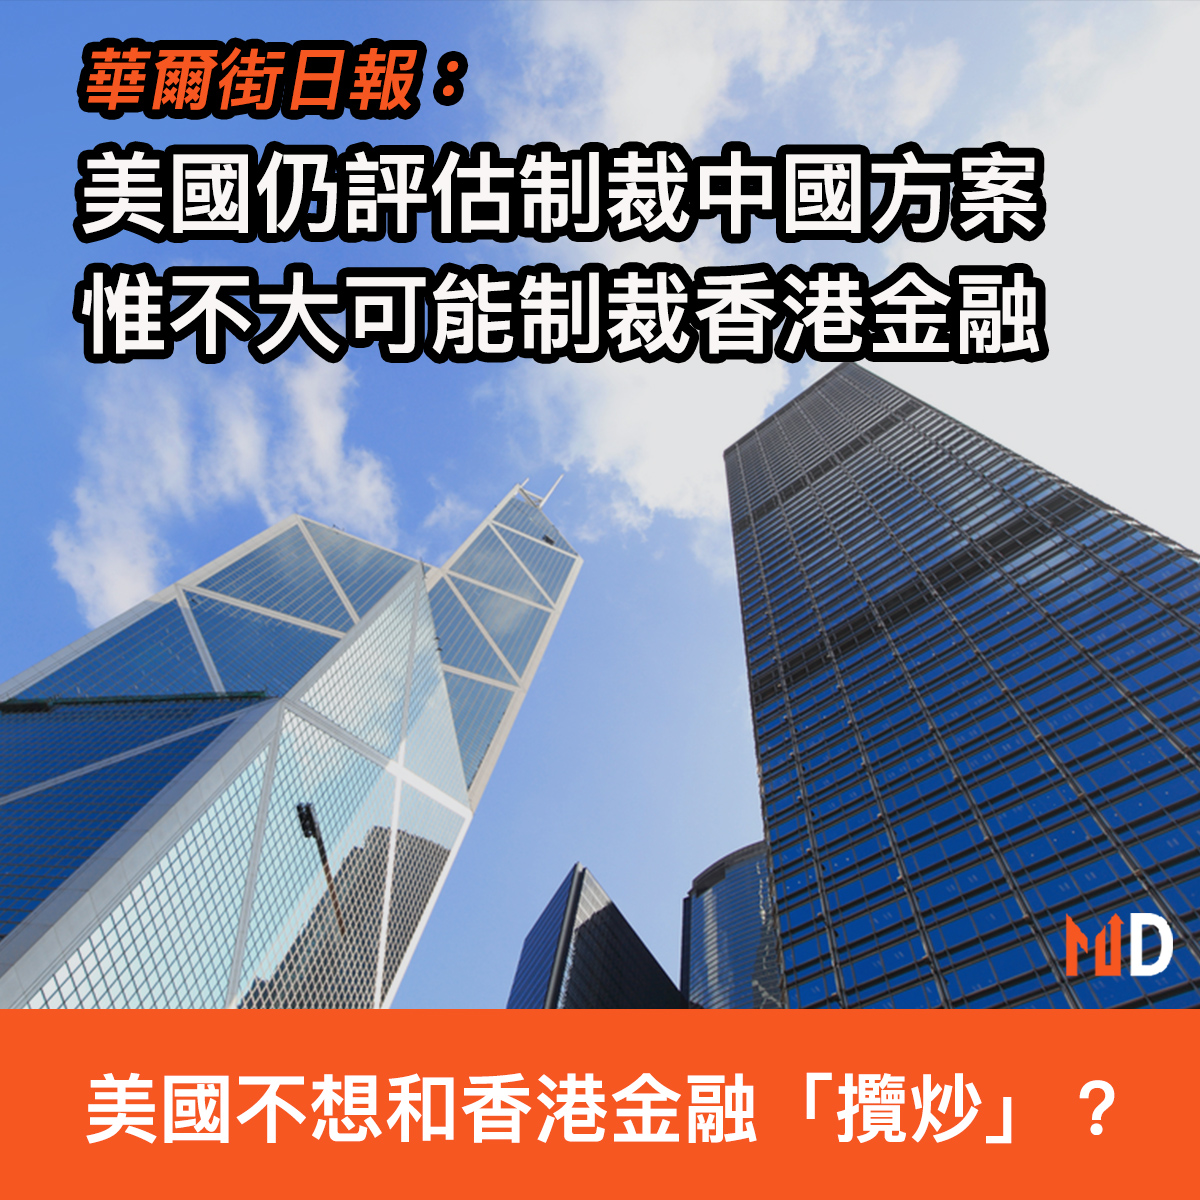 【市場熱話】華爾街日報:美國仍評估制裁中國方案,惟不大可能制裁香港金融